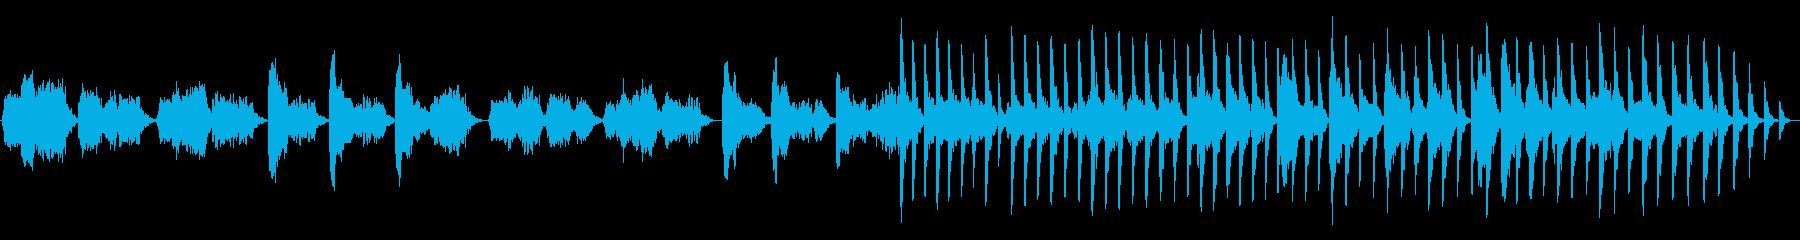 ソロの本格的なパイプを備えたネイテ...の再生済みの波形